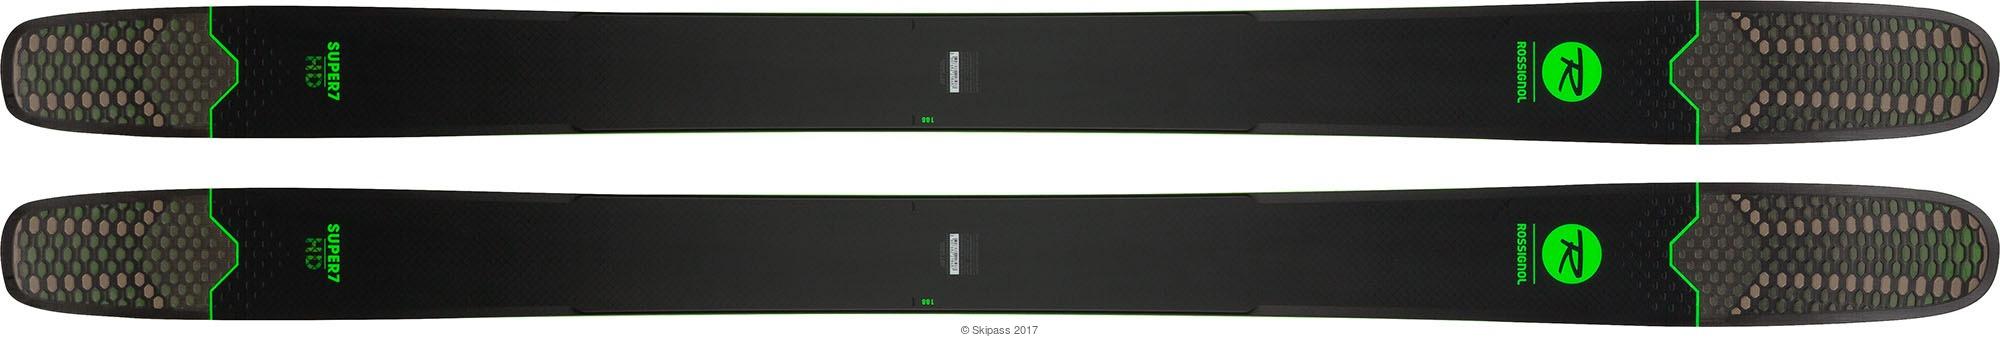 Rossignol Super 7 HD